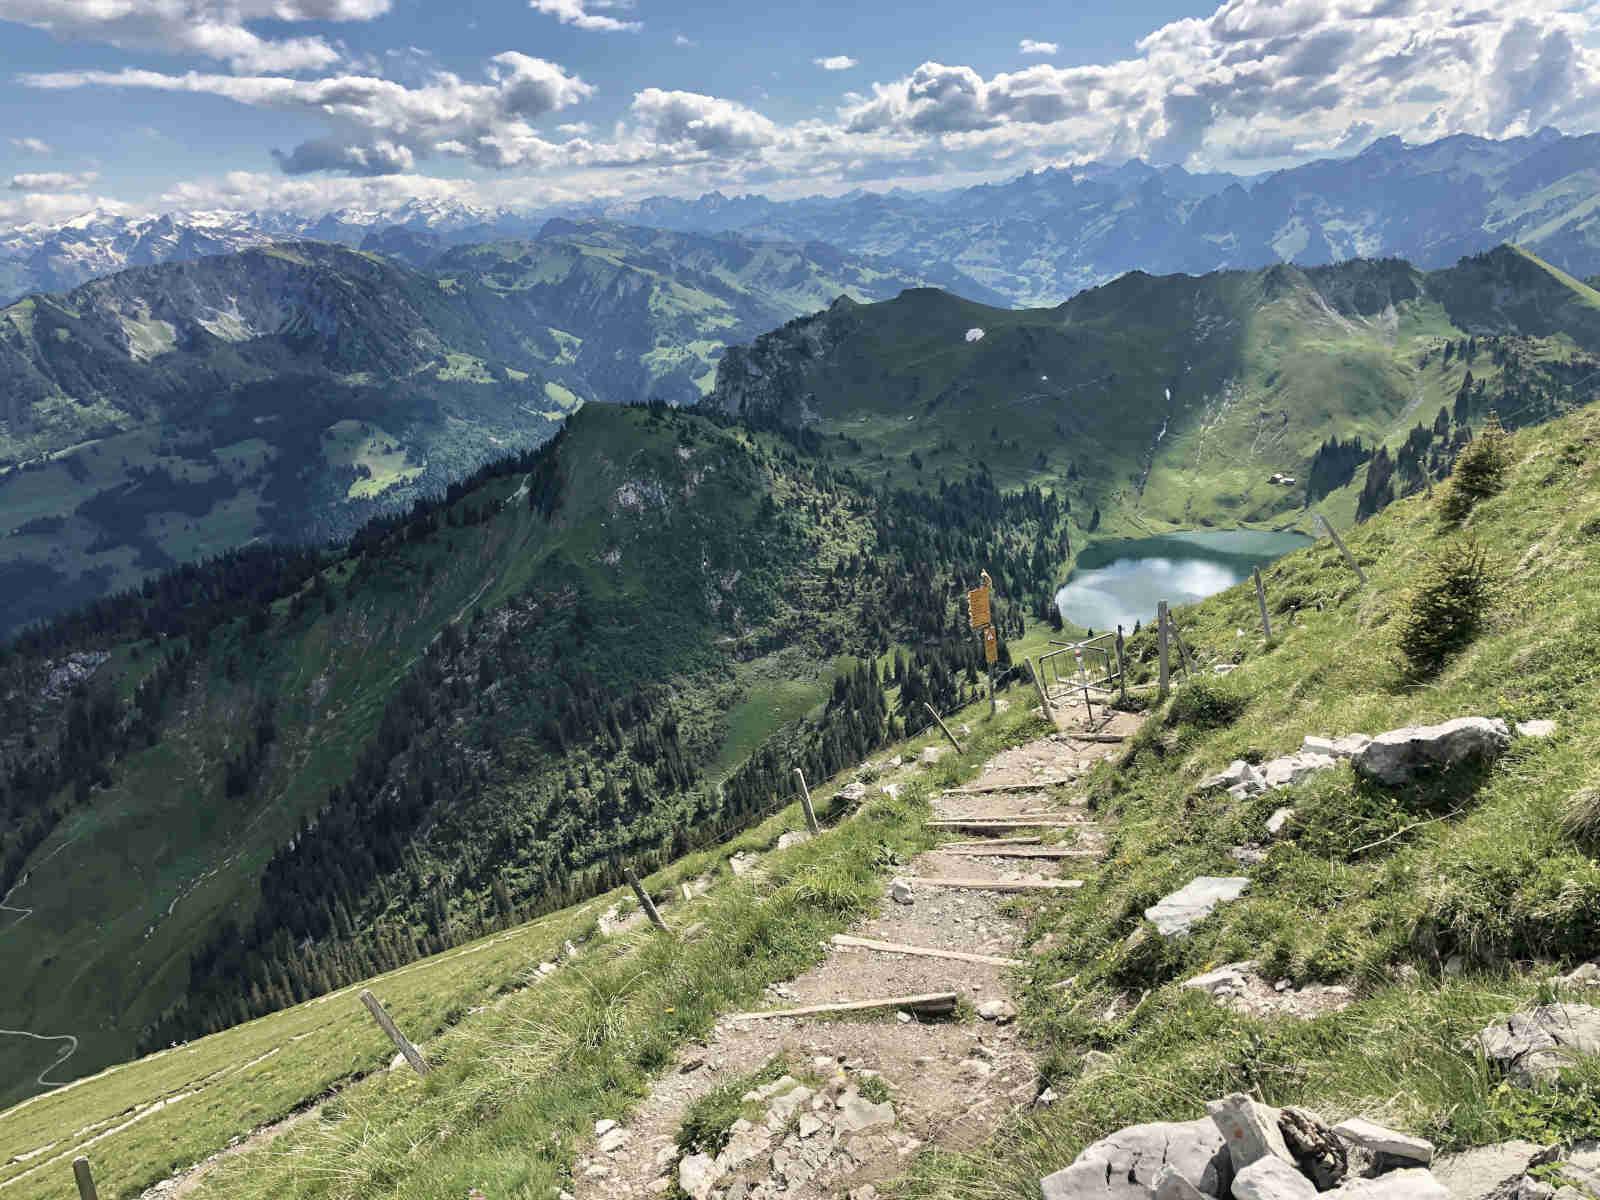 Bergwanderweg zu einem See